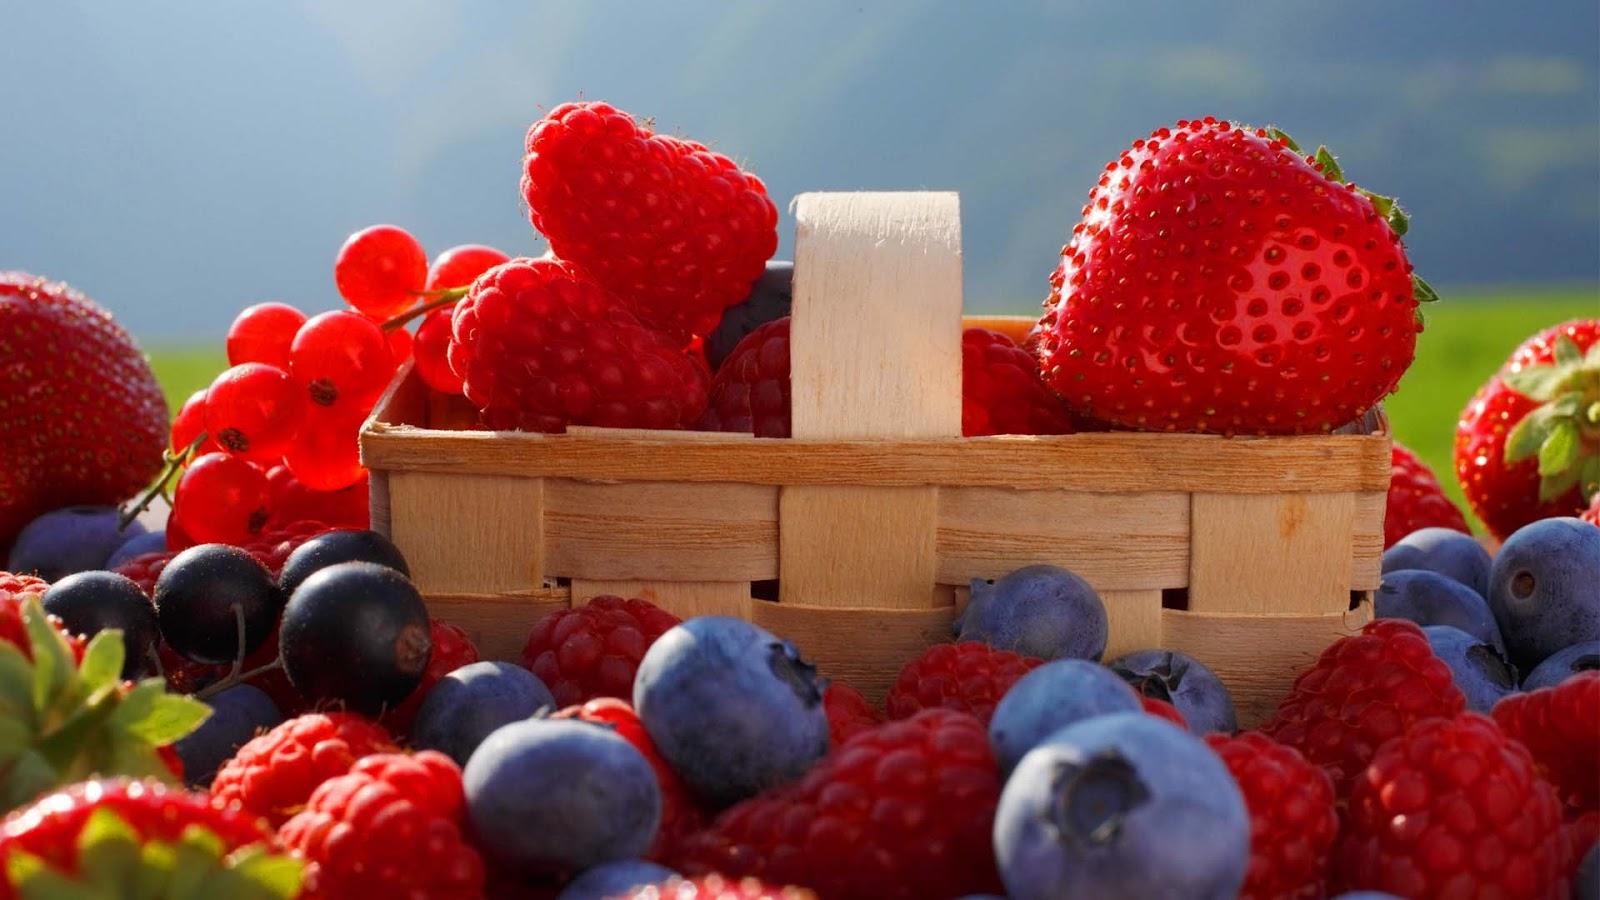 berry-ceri-fotografi